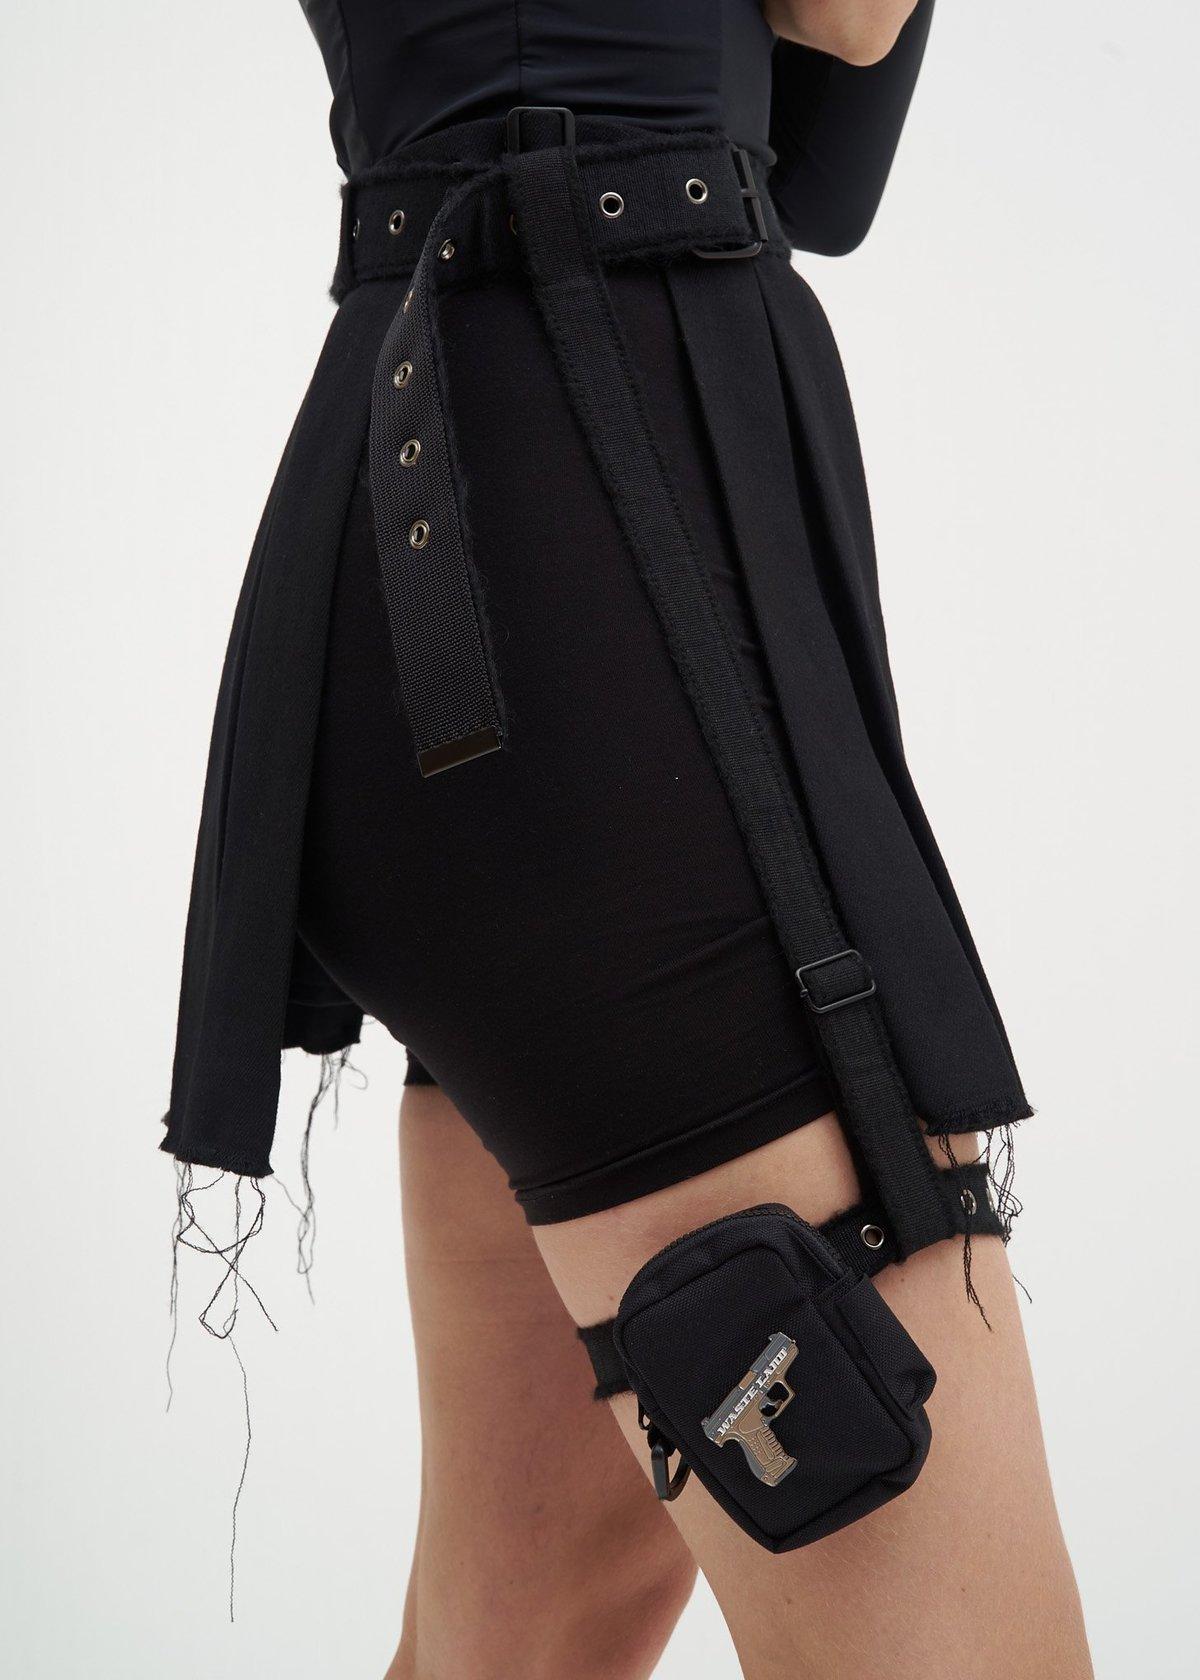 38d96ccac Hyein Seo Wool Skirt w  Garter Belt - Black